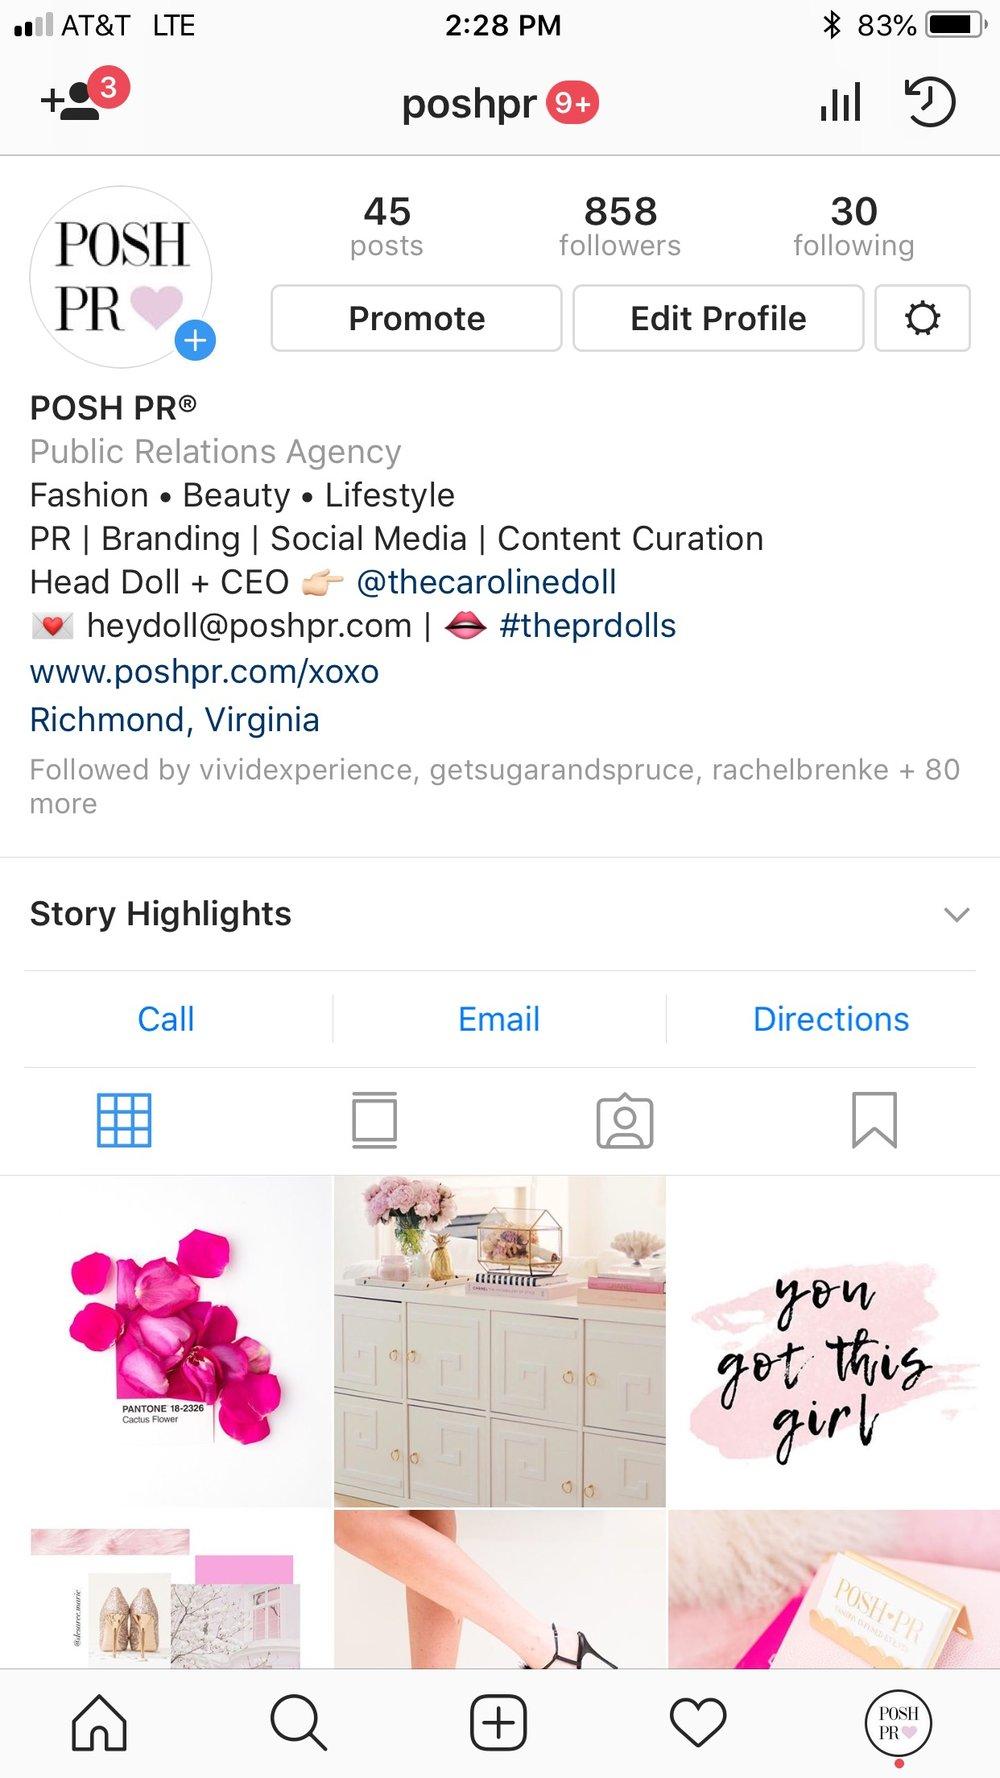 Follow POSH PR®!